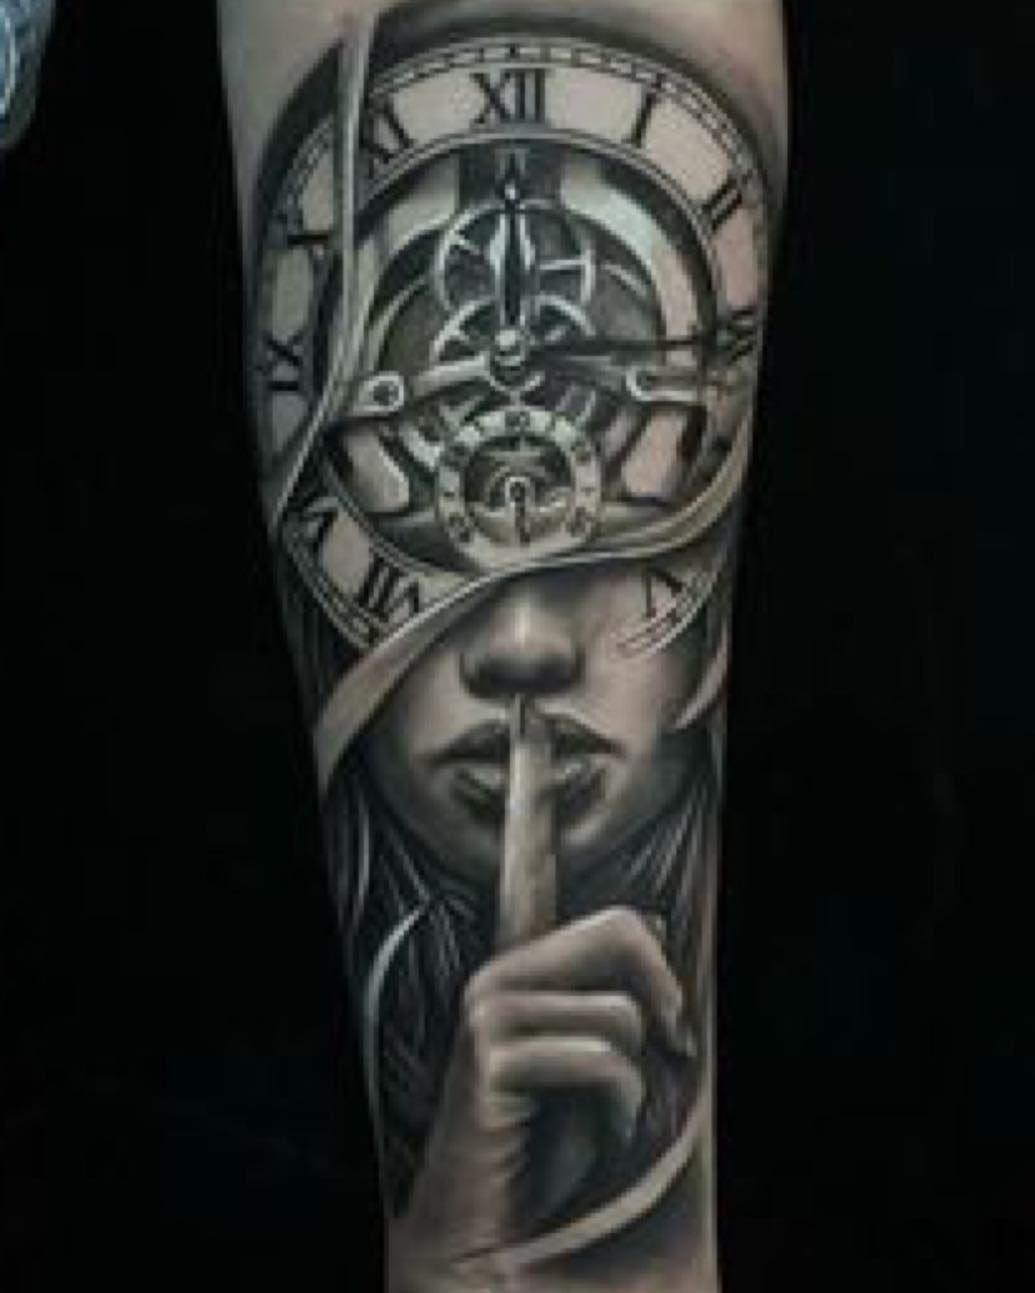 Dovme Yaptirmak Isteyenlerin Dikkatine Onemli Bir Duyuru Dovme Aliskanlik Yapar Aliskanlik Larinizin Pesinden In 2020 Tattoos For Guys Cool Arm Tattoos Sleeve Tattoos